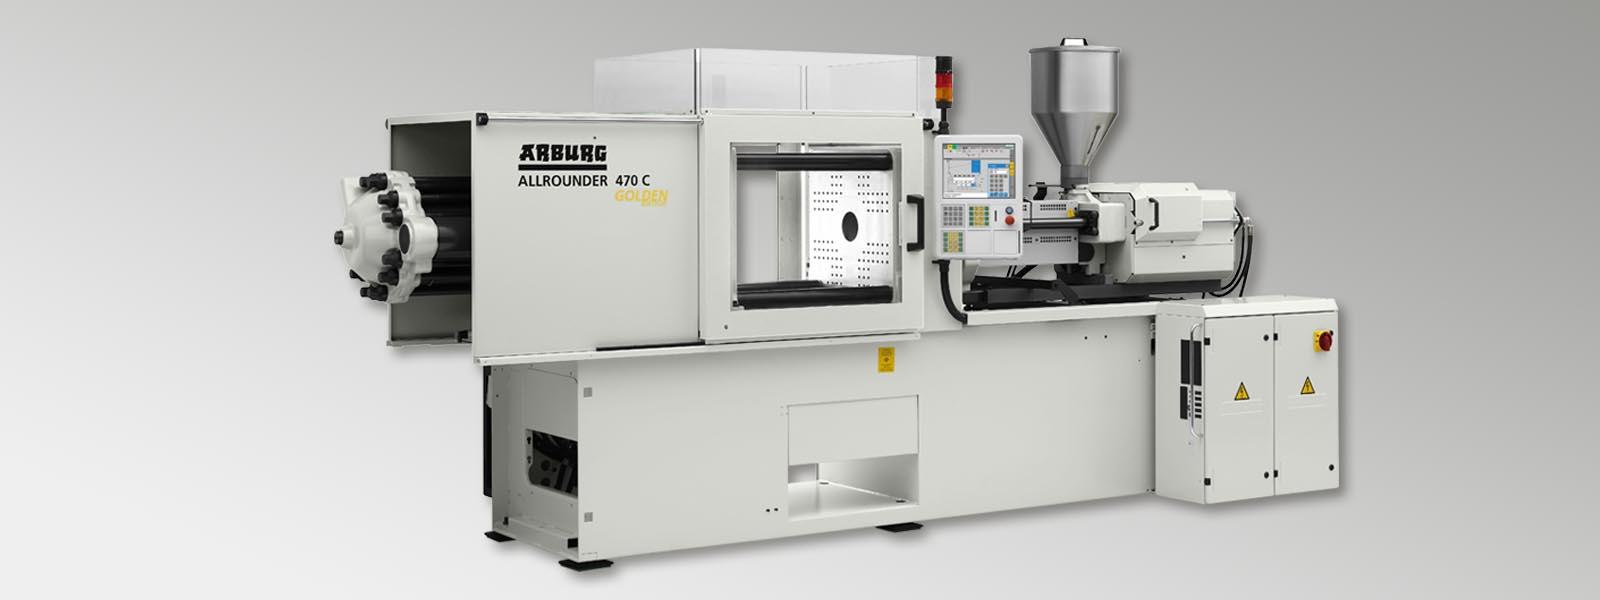 Arburg Allrounder 470c